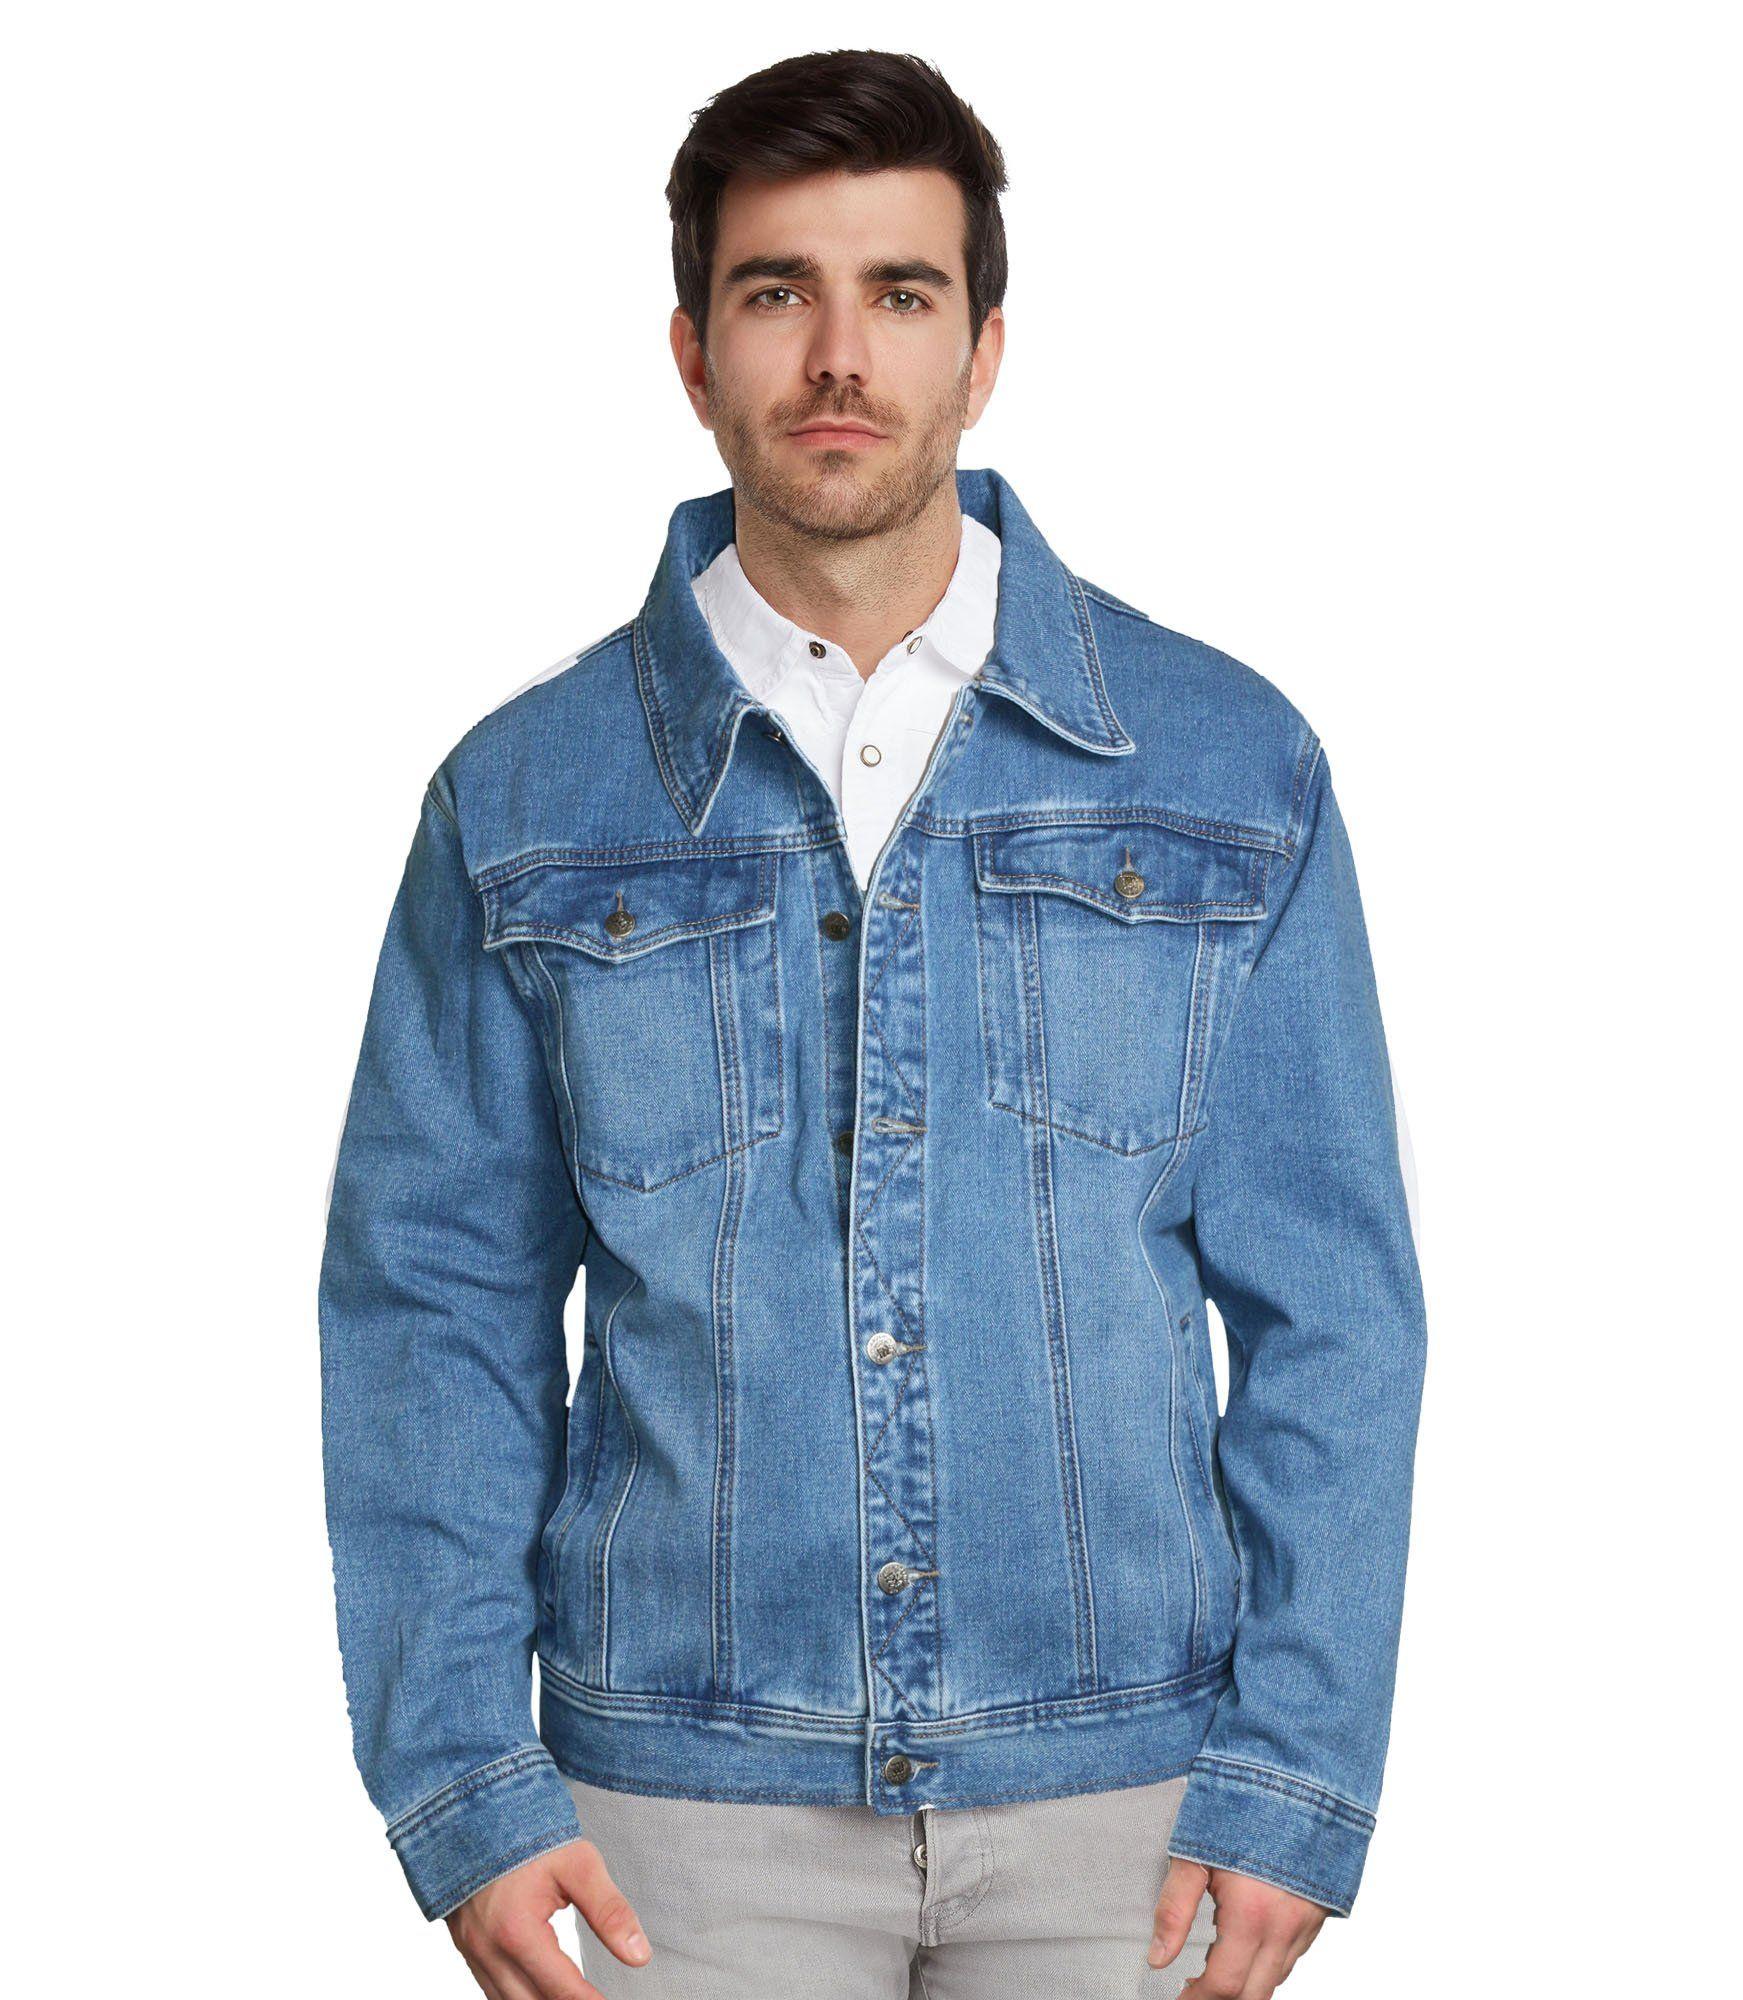 Pin By Tammy Pray On Stylish Mens Denim Jackets Denim Jacket Women Denim Jacket Men Womens Black Jacket [ 2000 x 1743 Pixel ]